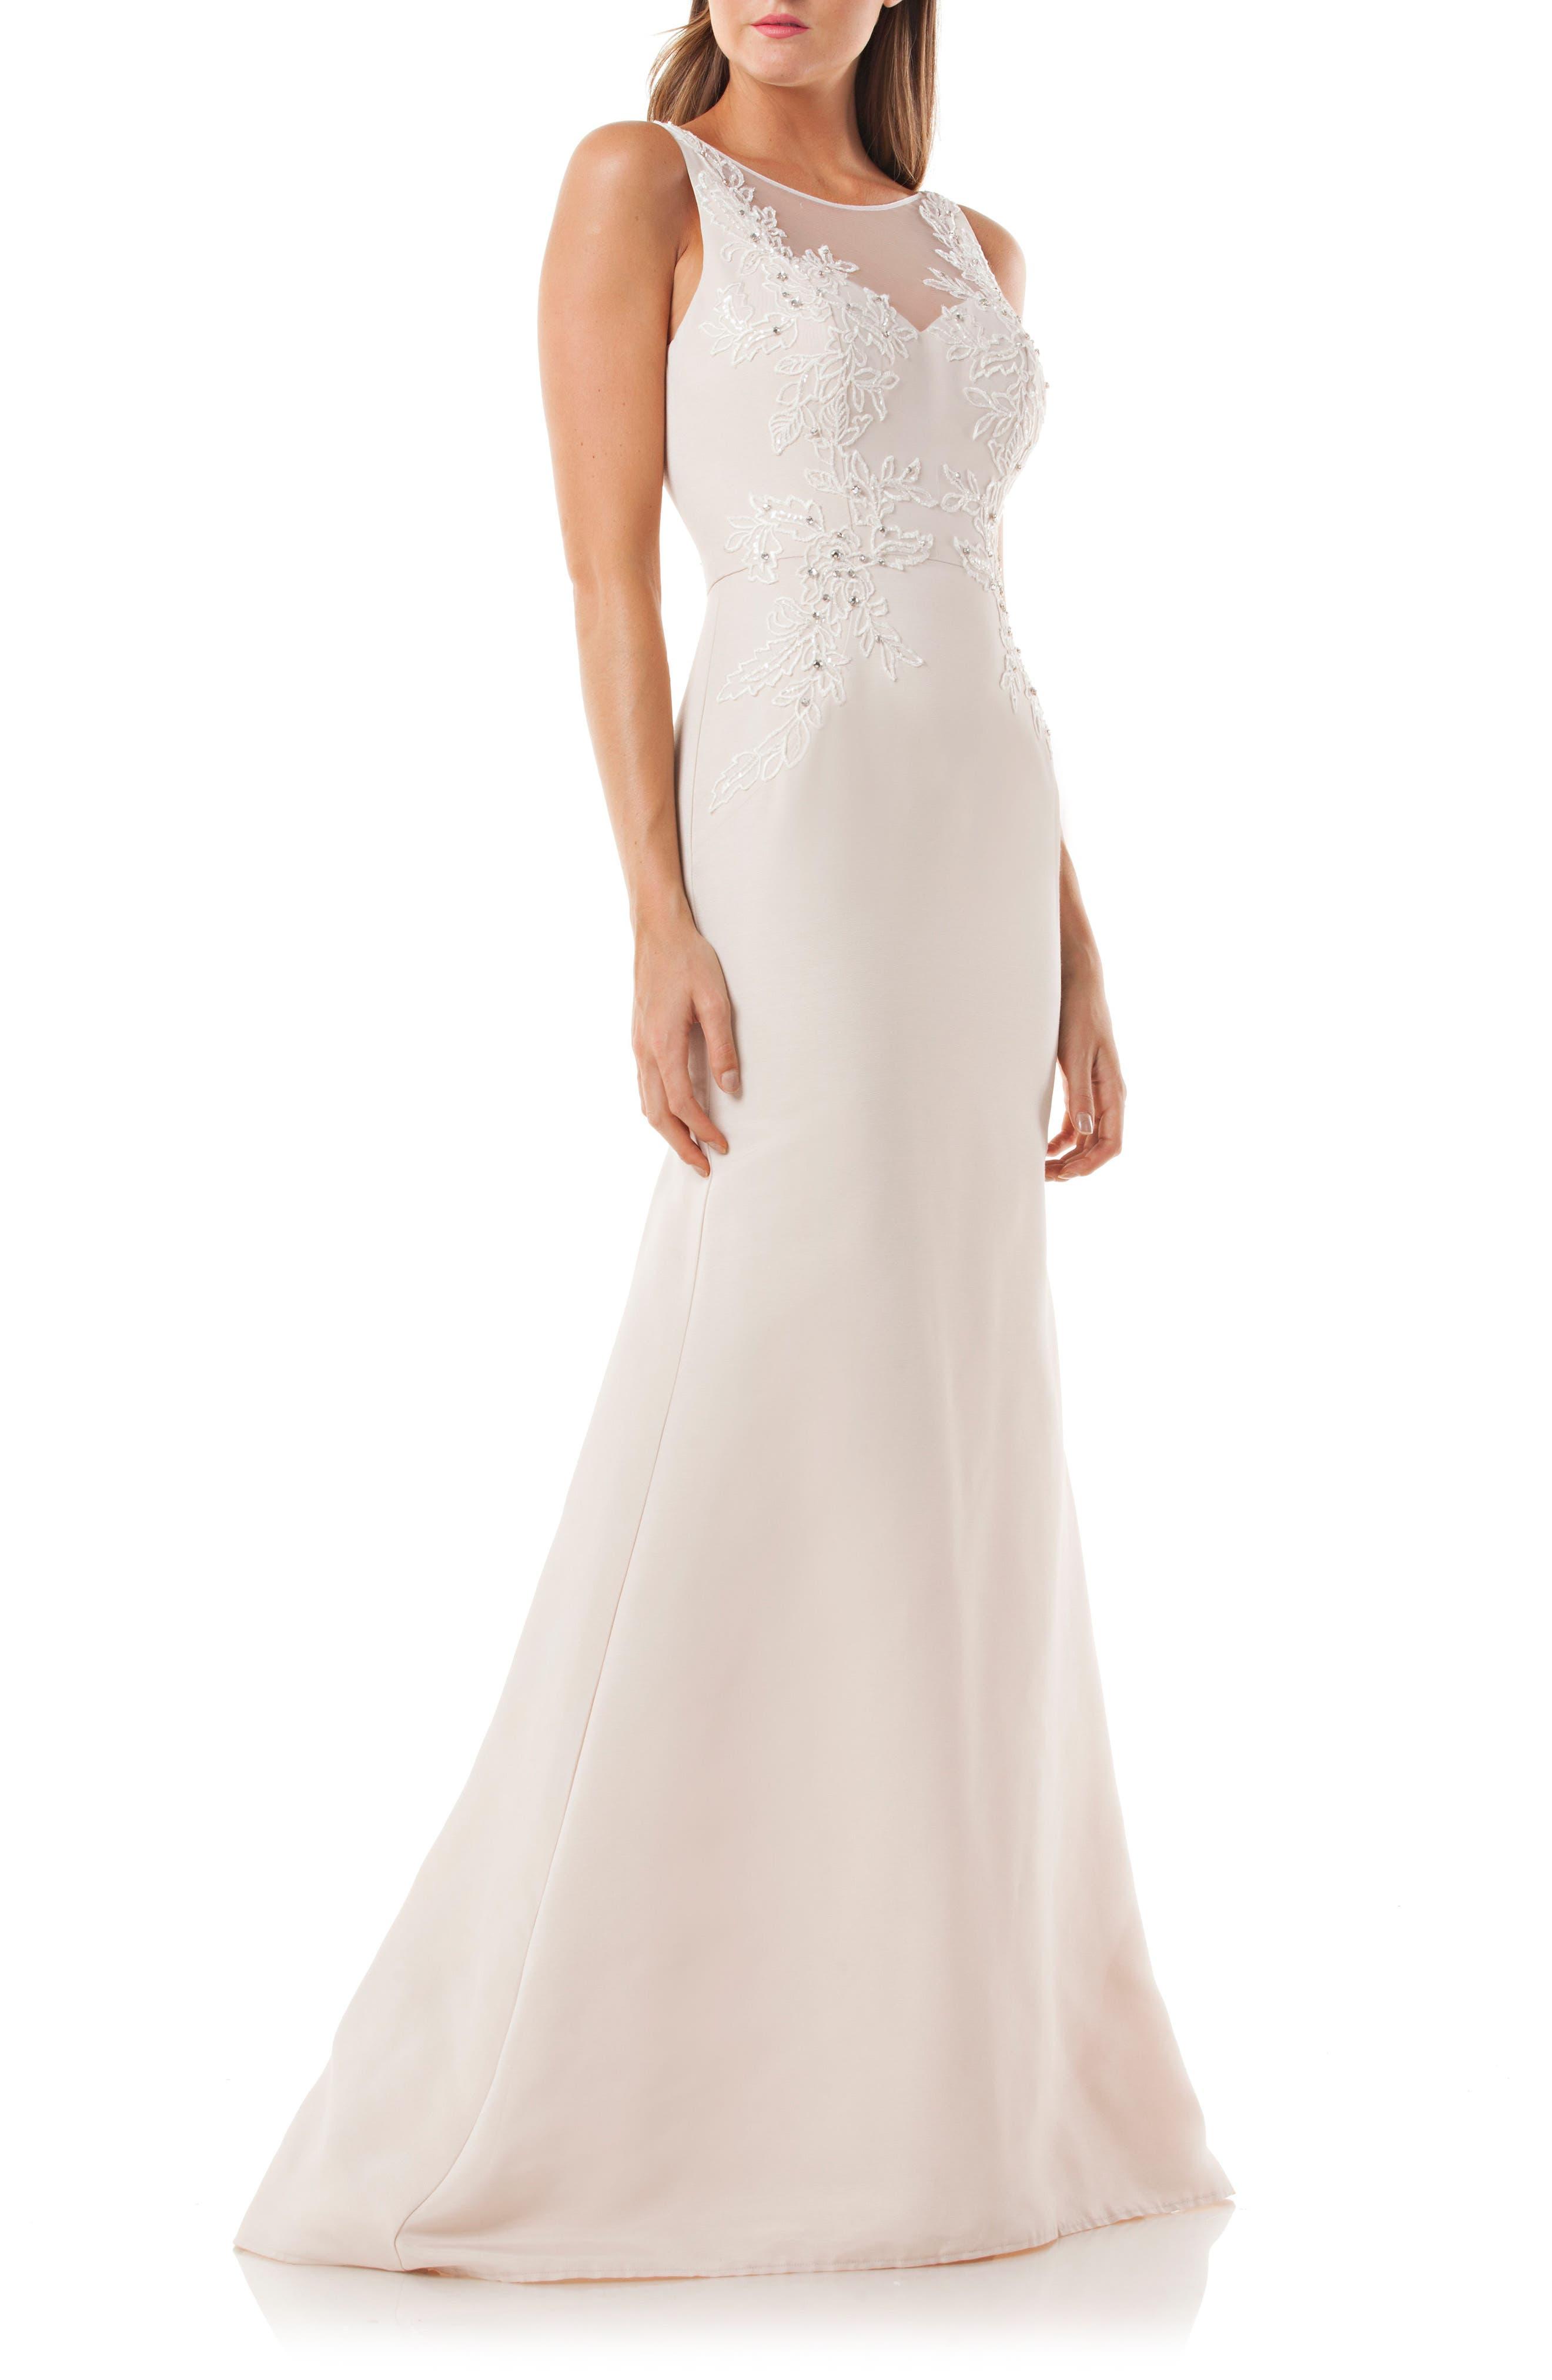 CARMEN MARC VALVO INFUSION,                             Lace Appliqué Mermaid Gown,                             Main thumbnail 1, color,                             275